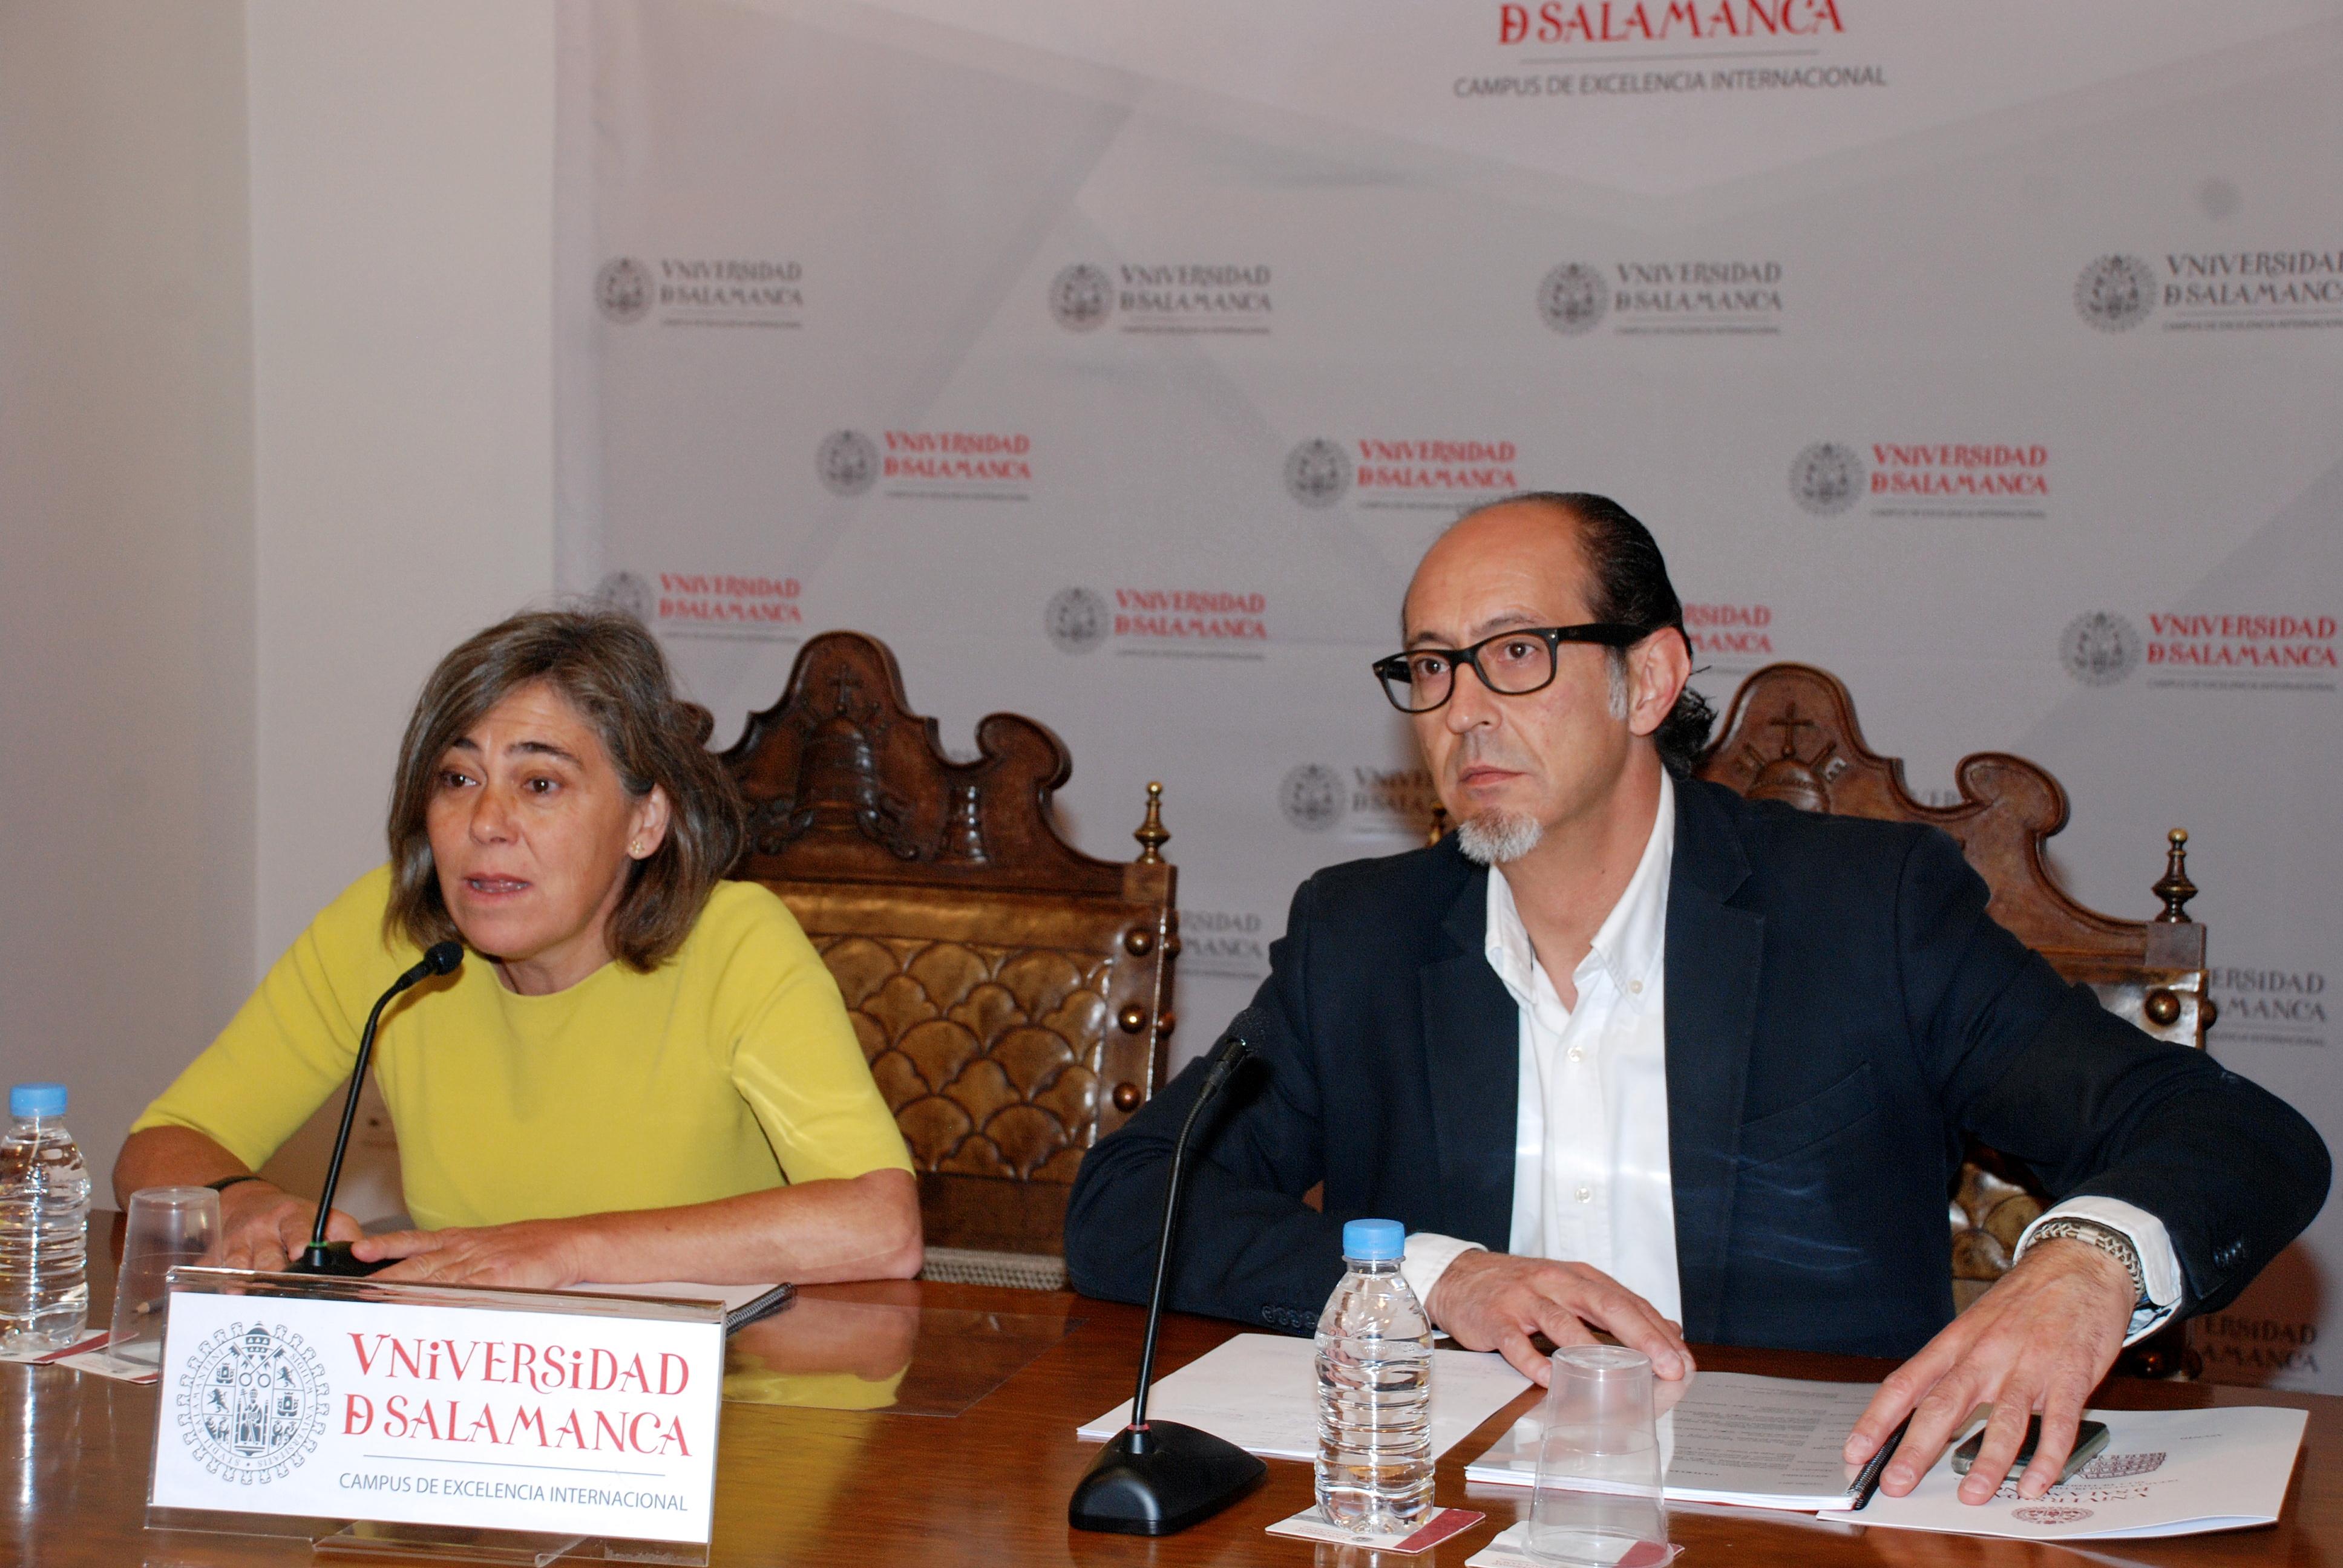 Teatro, música, arte, cine y la literatura se reúnen en la nueva programación 'Cultura en curso' de la Universidad de Salamanca